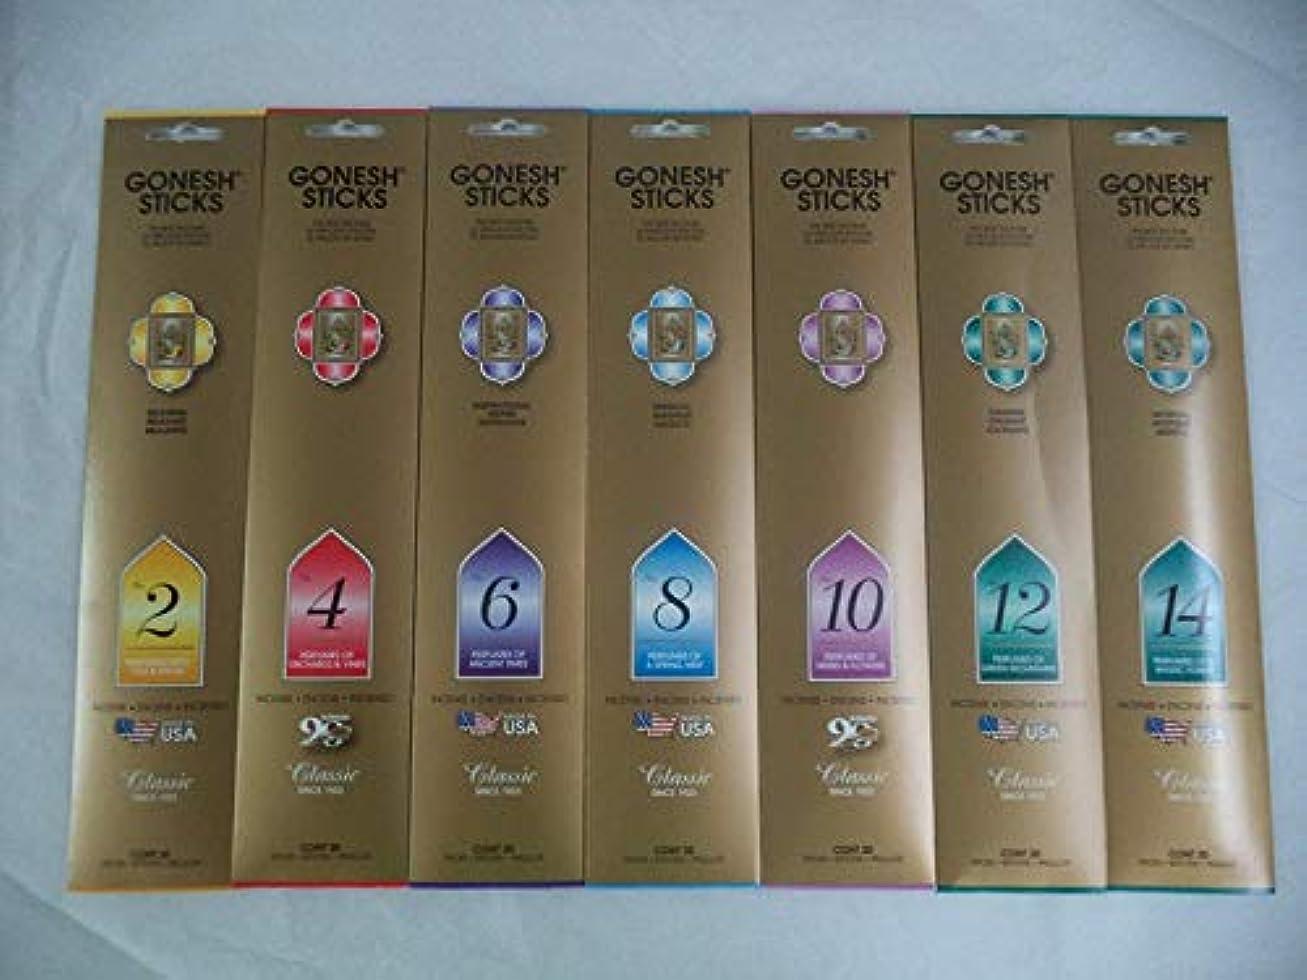 測るマリン服を洗うGonesh 2 4 6 8 10 12 14 Incenseサンプラー20 Sticks x 7パック( 140スティック)